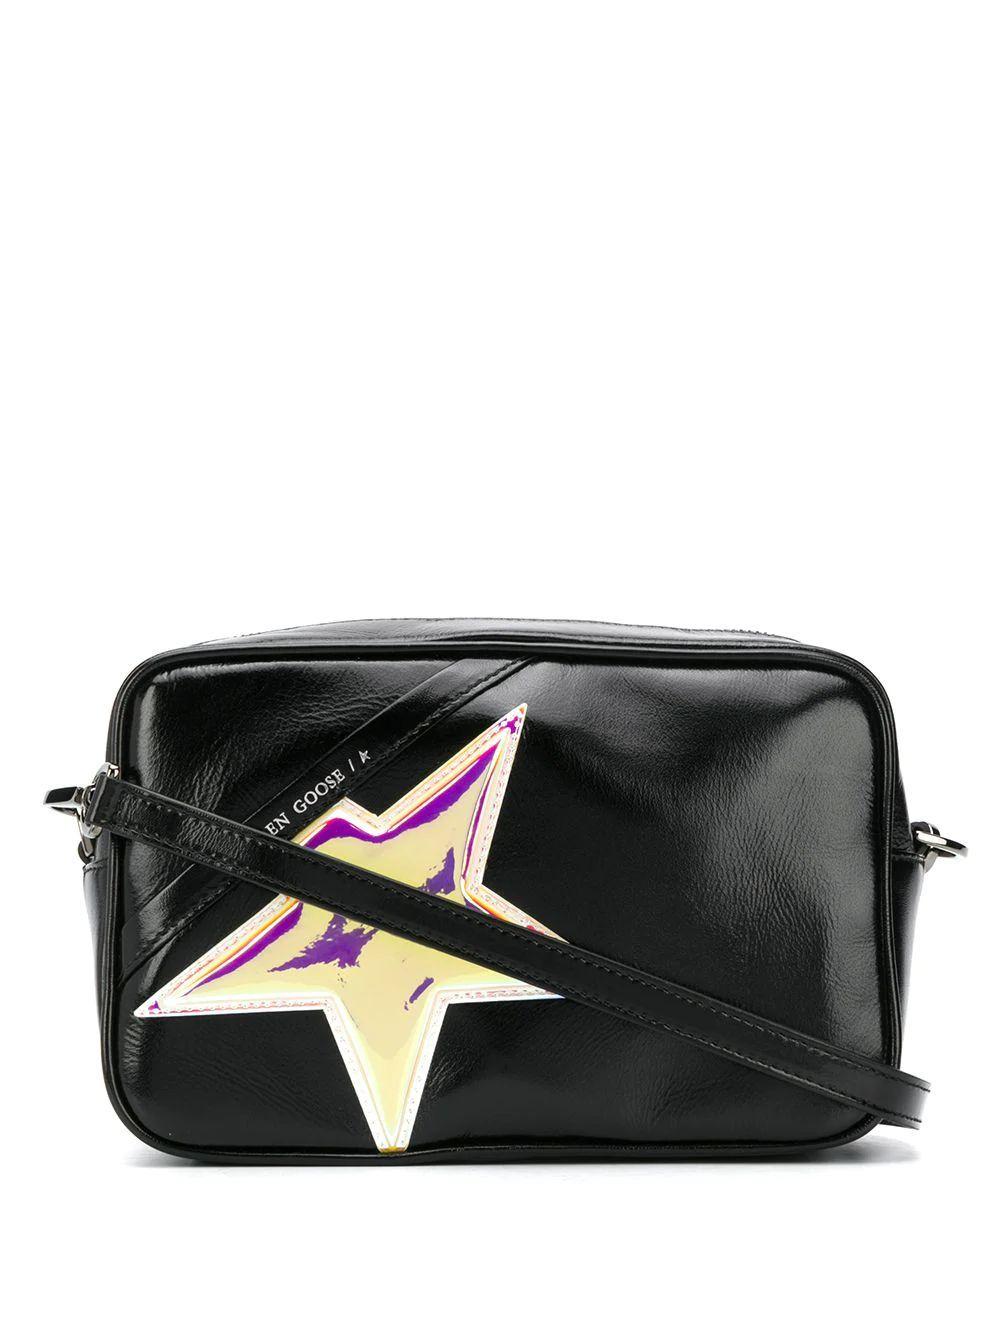 GOLDEN GOOSE WOMEN'S G36WA881B4 BLACK LEATHER SHOULDER BAG